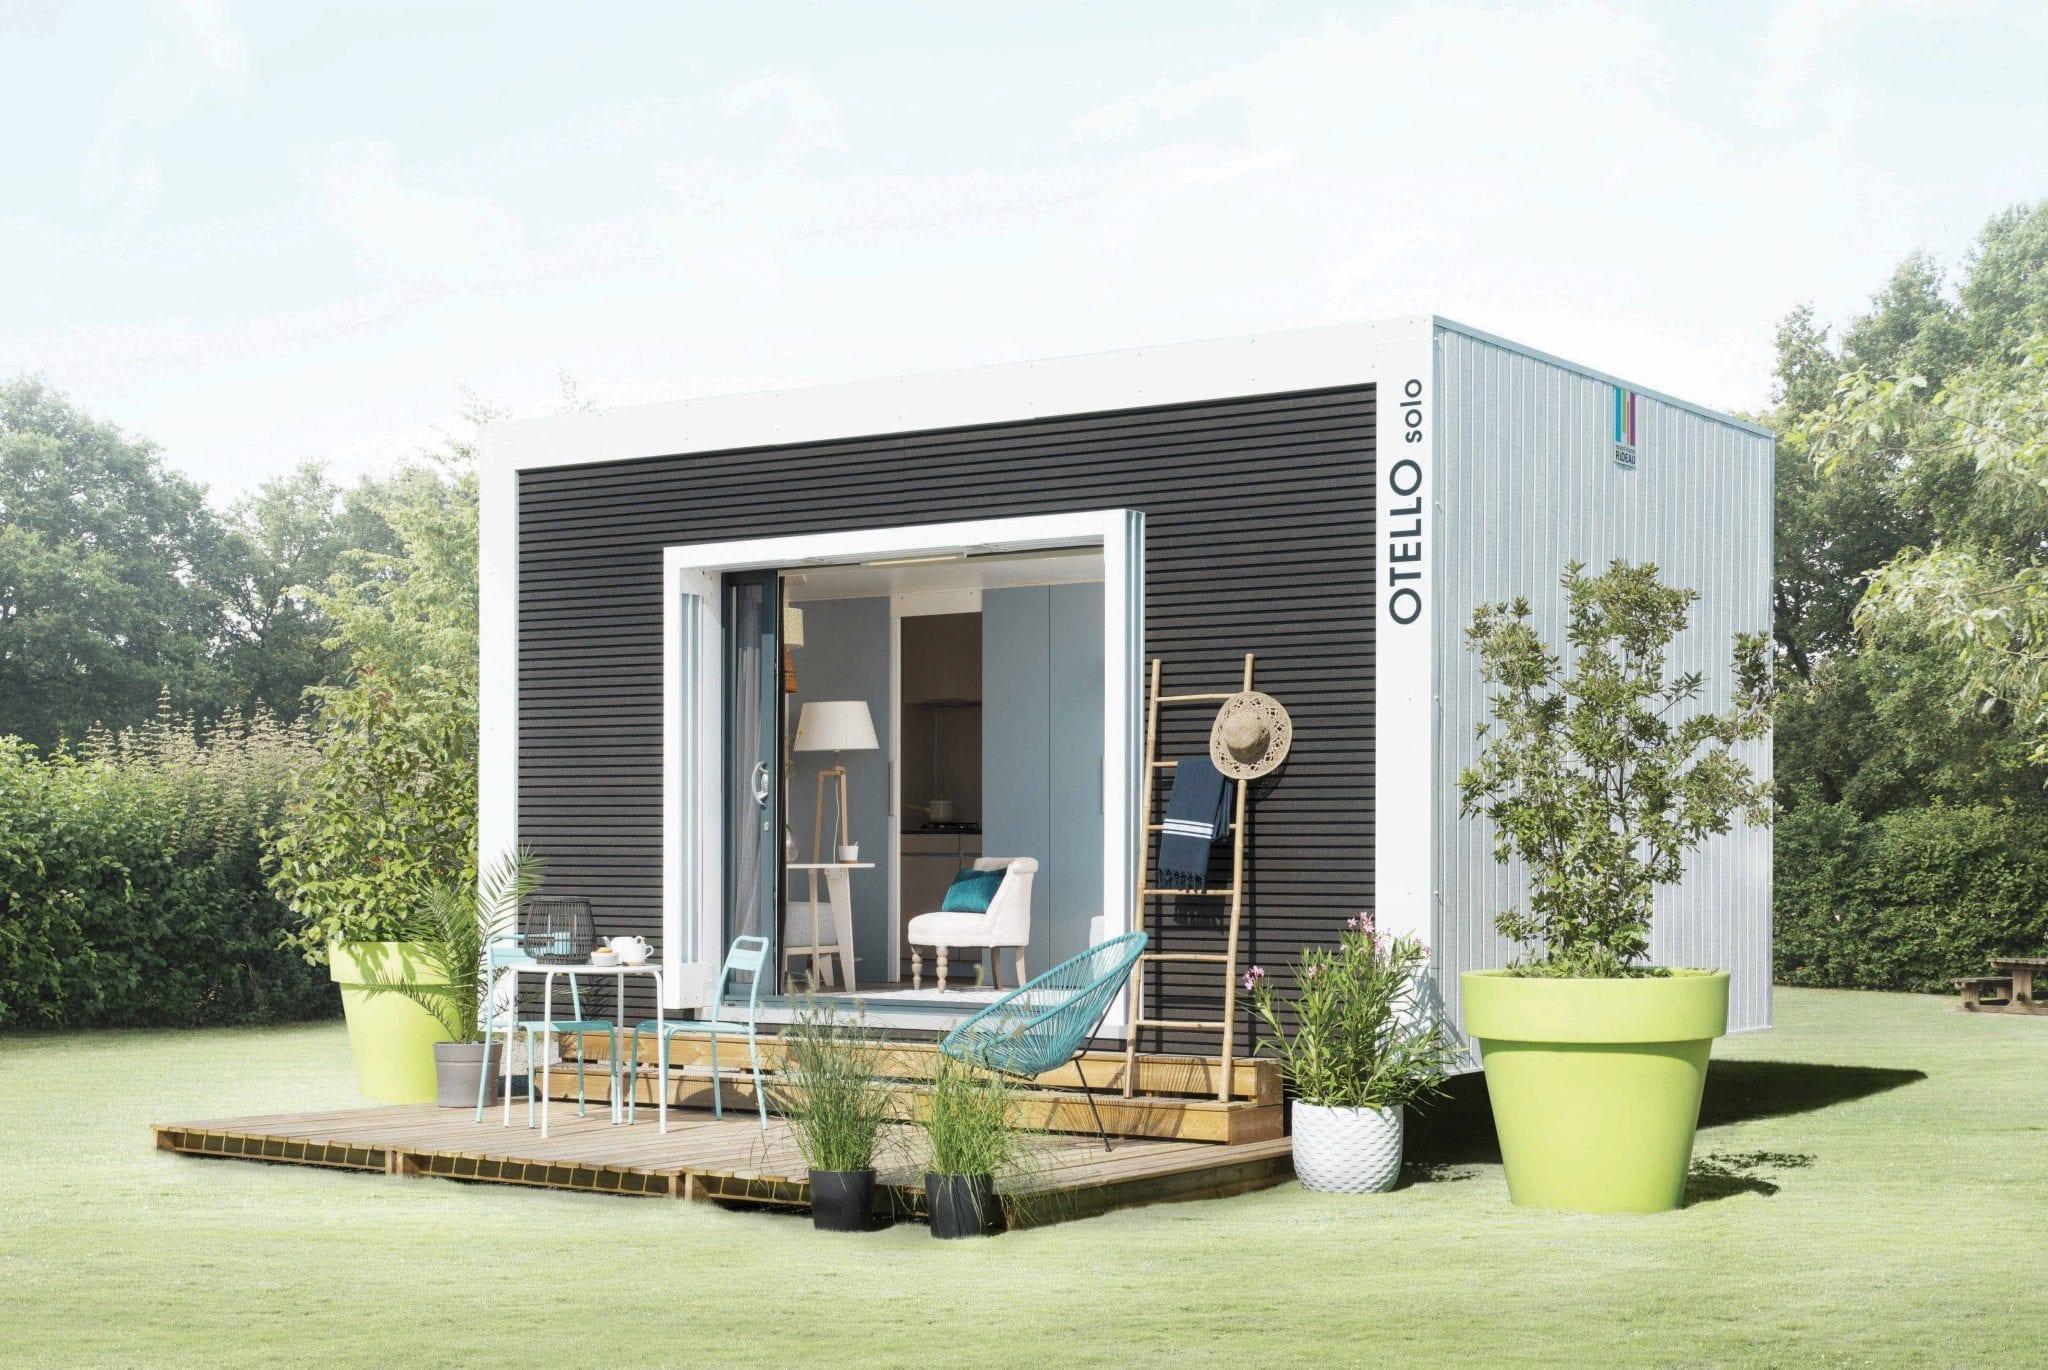 ridorev otello solo mobil home neuf 30 250 zen. Black Bedroom Furniture Sets. Home Design Ideas